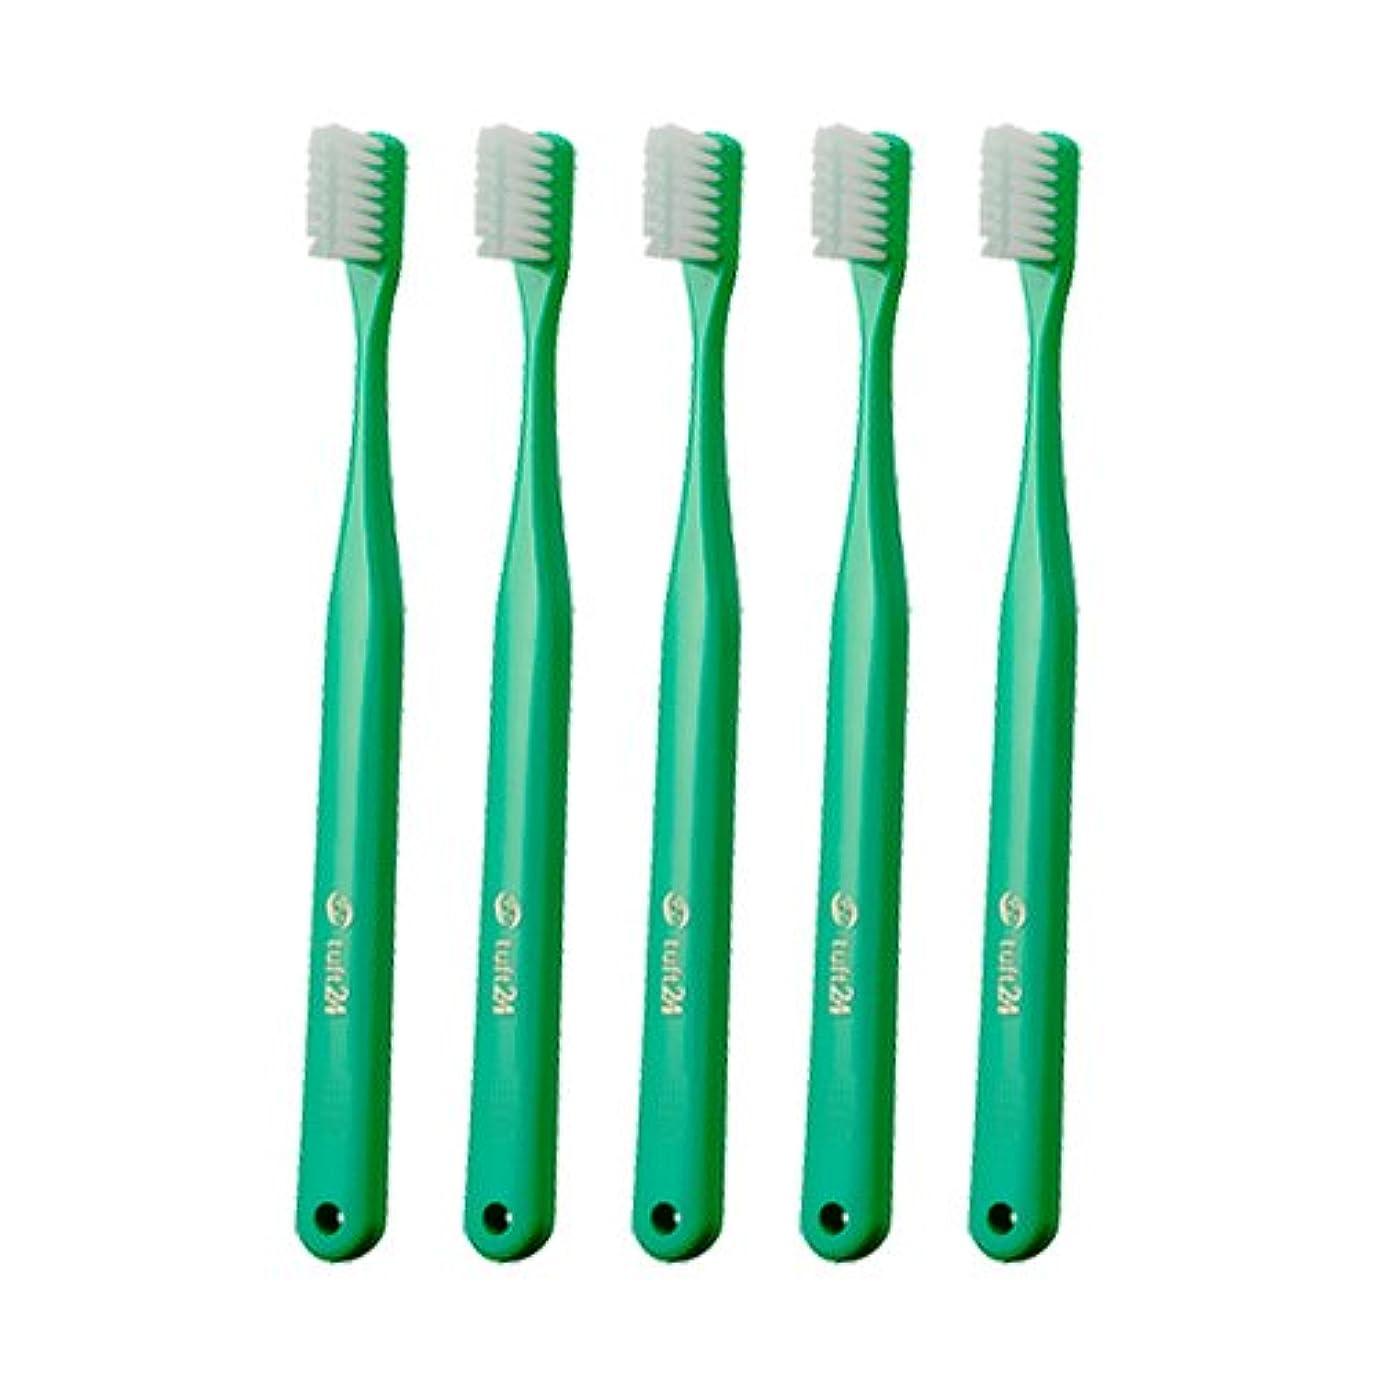 オーブンピジン鎮静剤タフト24 歯ブラシ MHキャップなし 25本入 グリーン